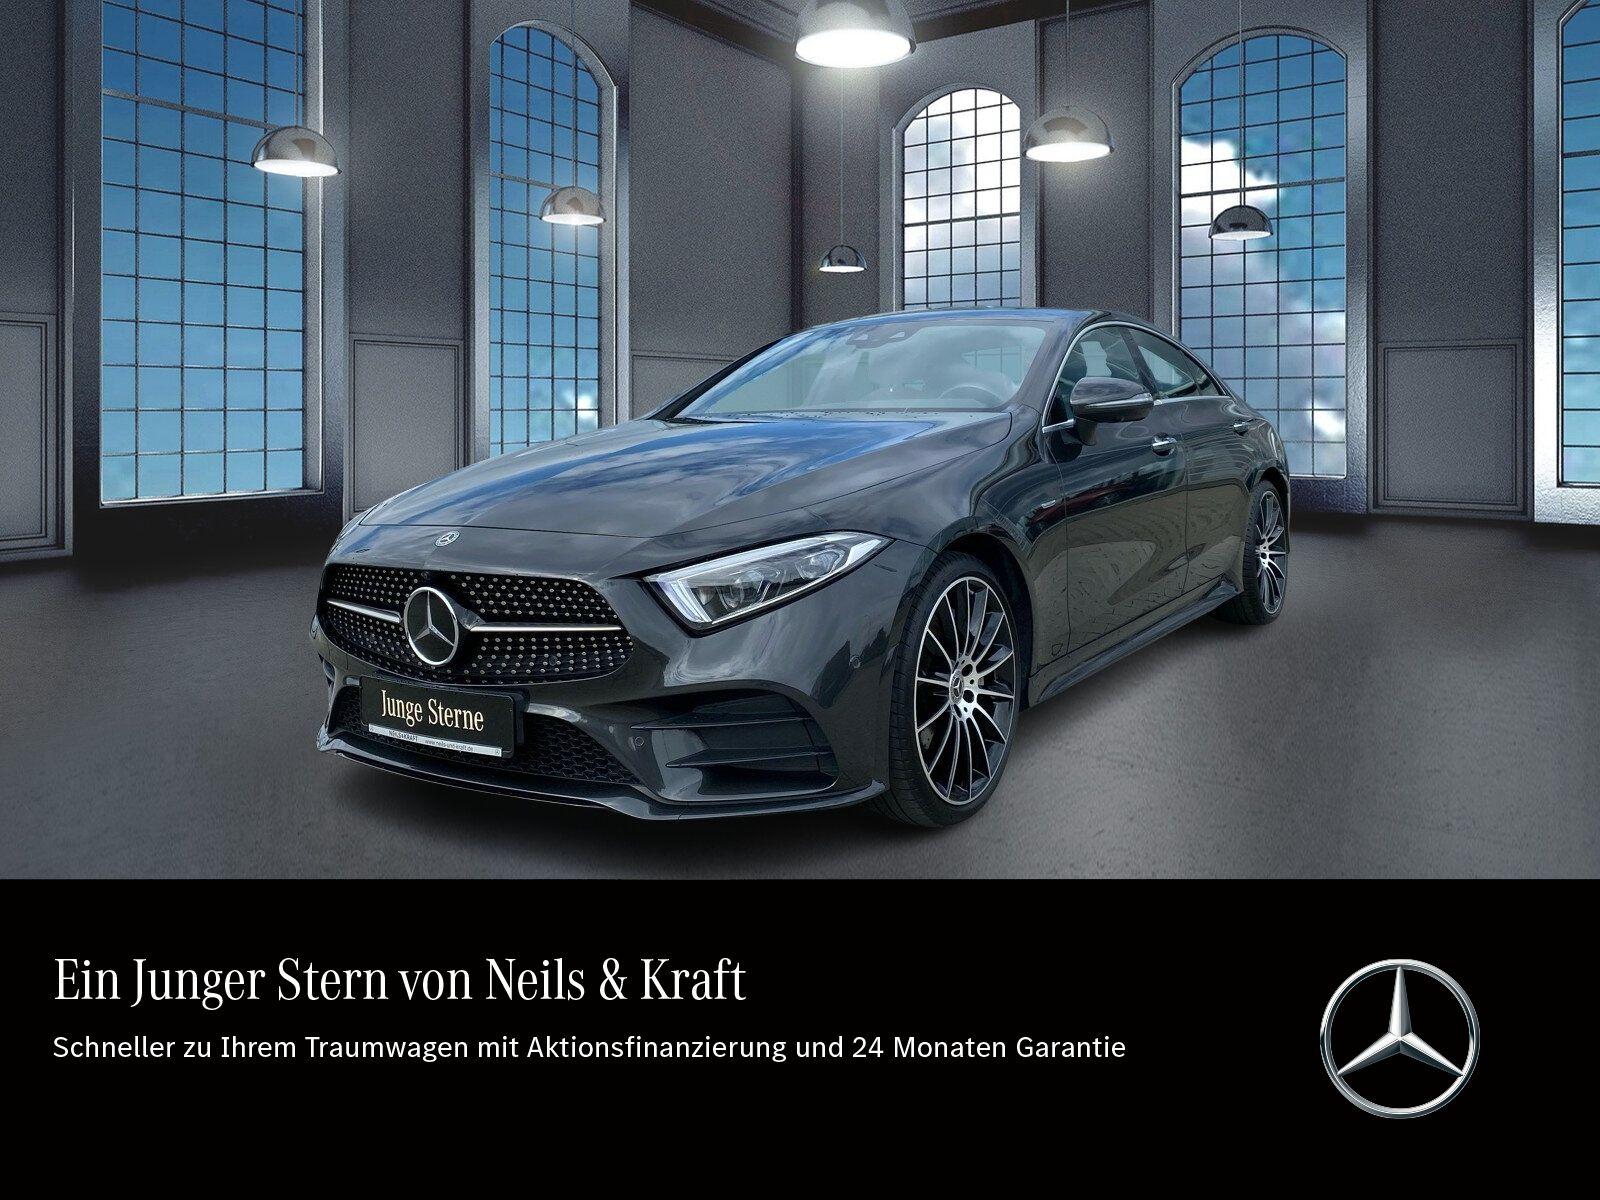 Mercedes-Benz CLS 400d 4M AMG+MULTIBEAM+FAHRASSIST+LUFTFEDER++, Jahr 2018, Diesel